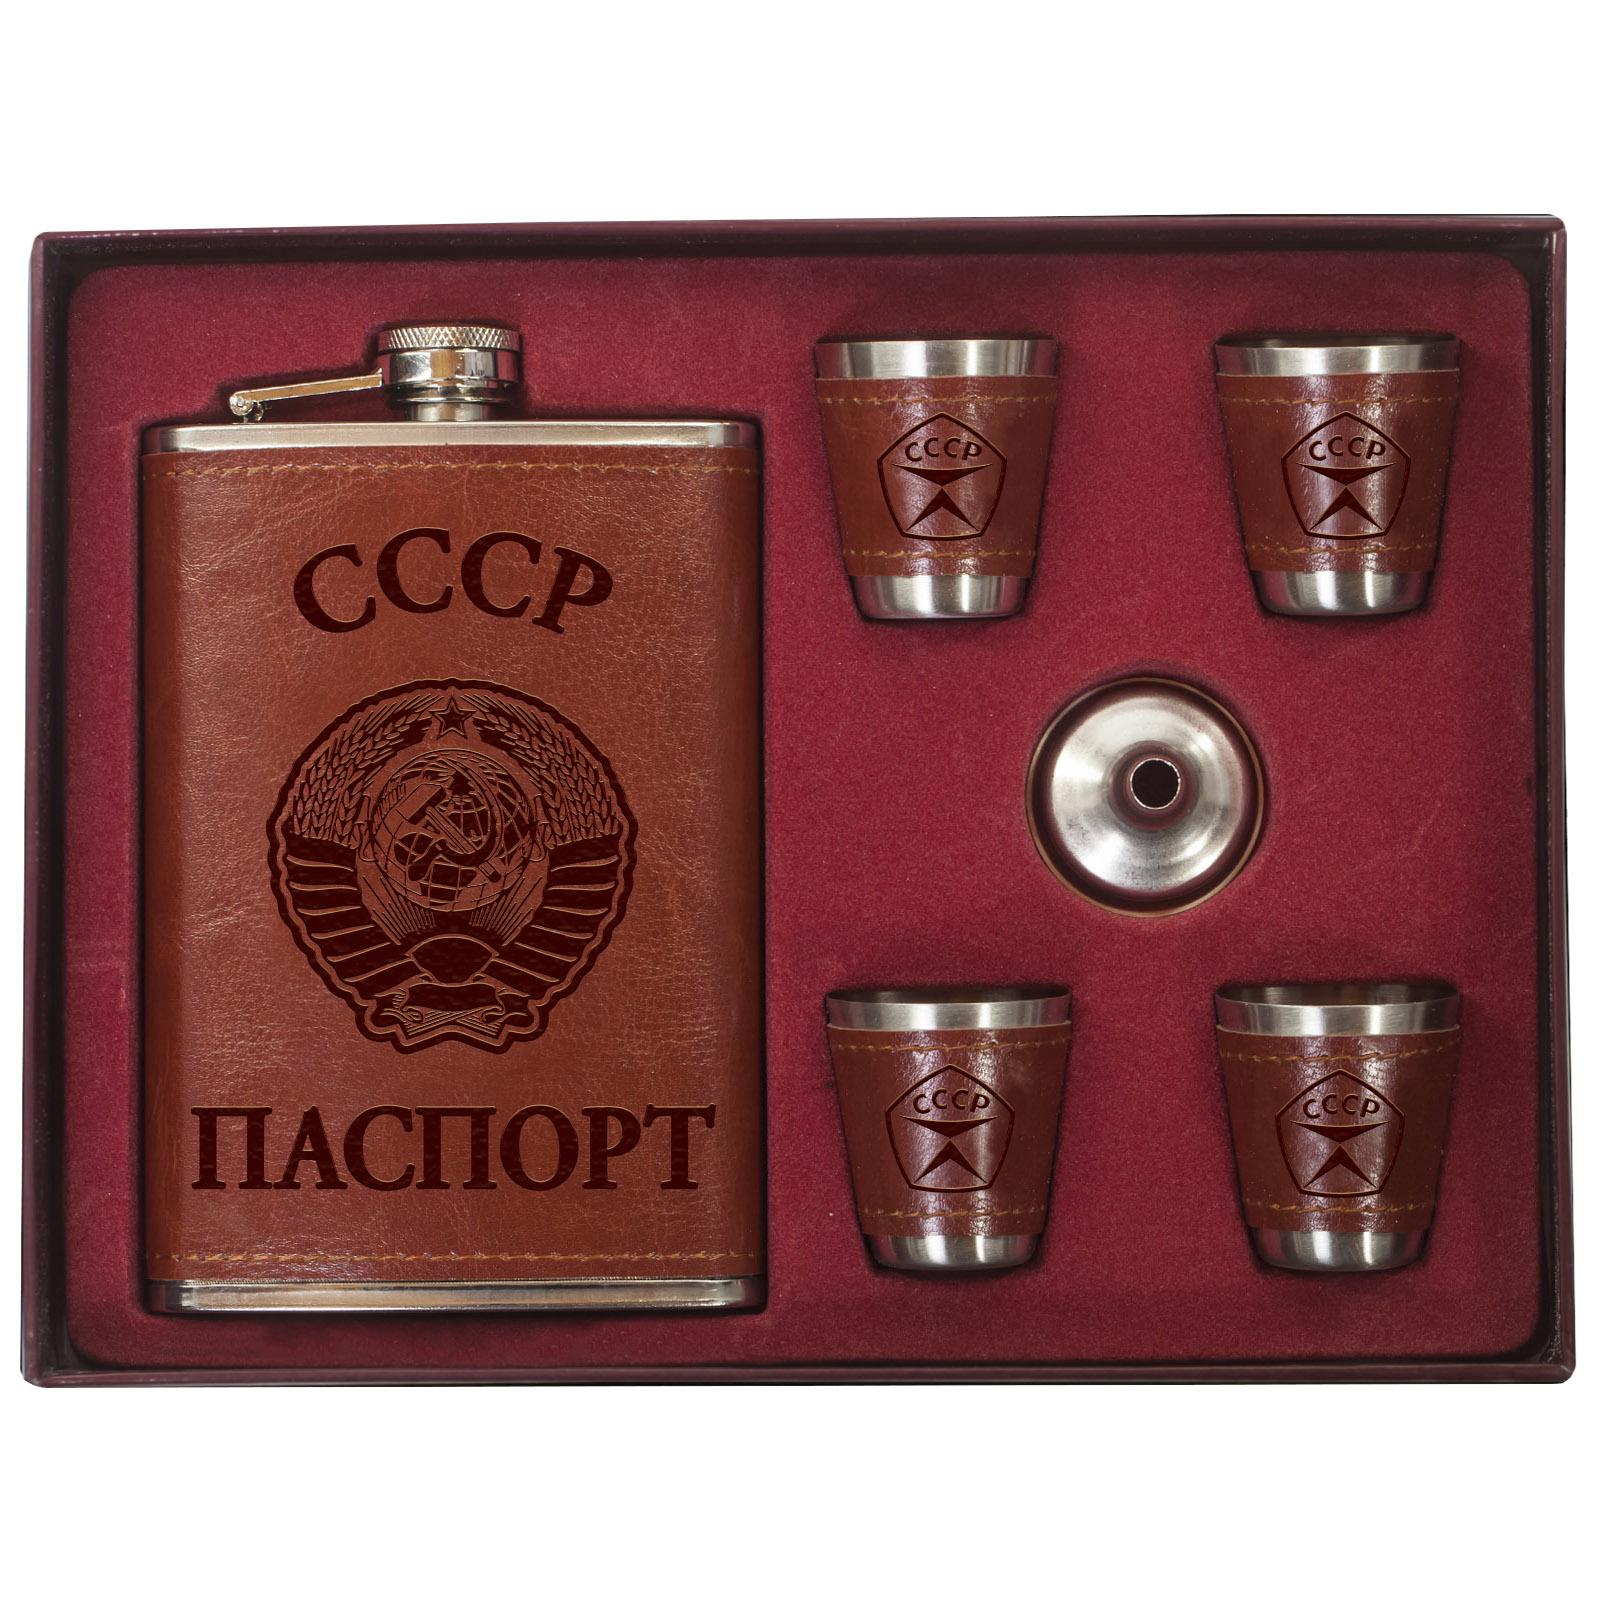 Ностальгия! Набор ПАСПОРТ СССР: фляжка со стопками и воронкой.